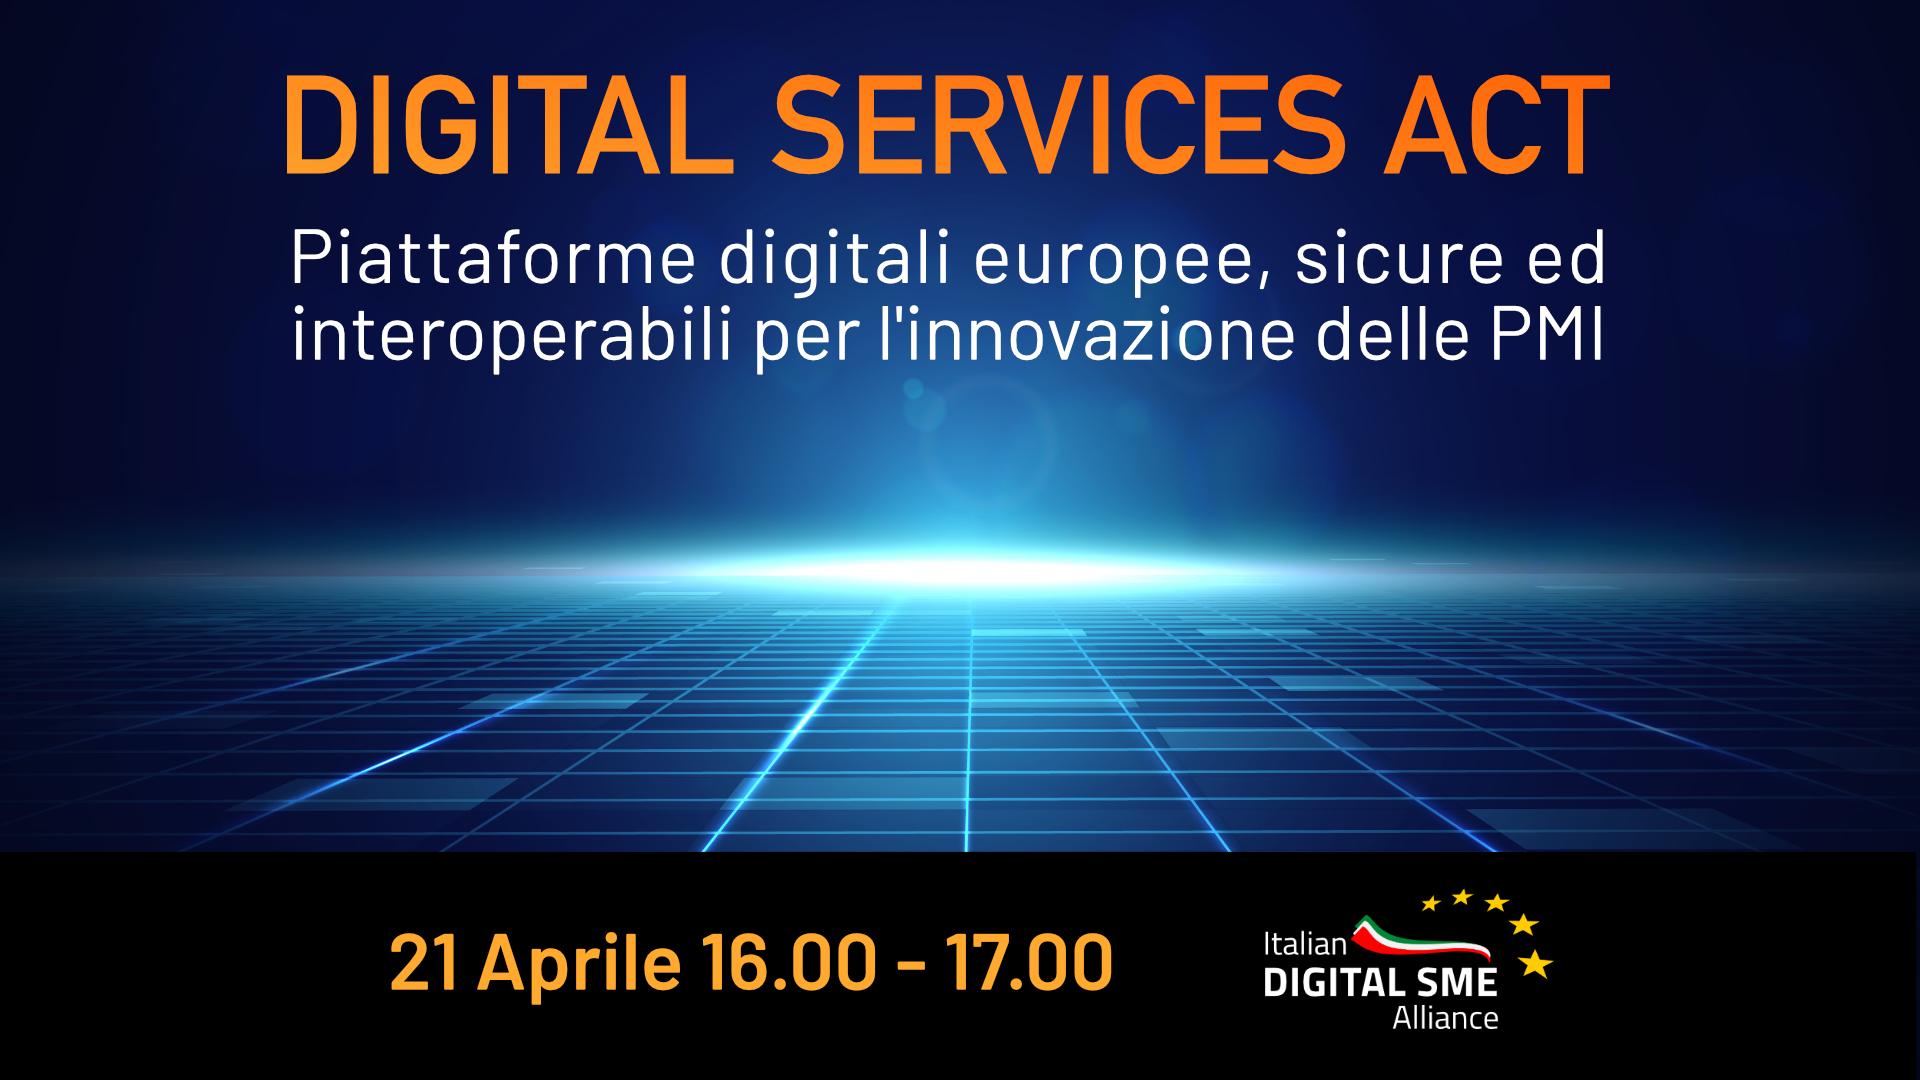 Digital Services Act – Piattaforme digitali europee, sicure ed interoperabili per l'innovazione delle PMI